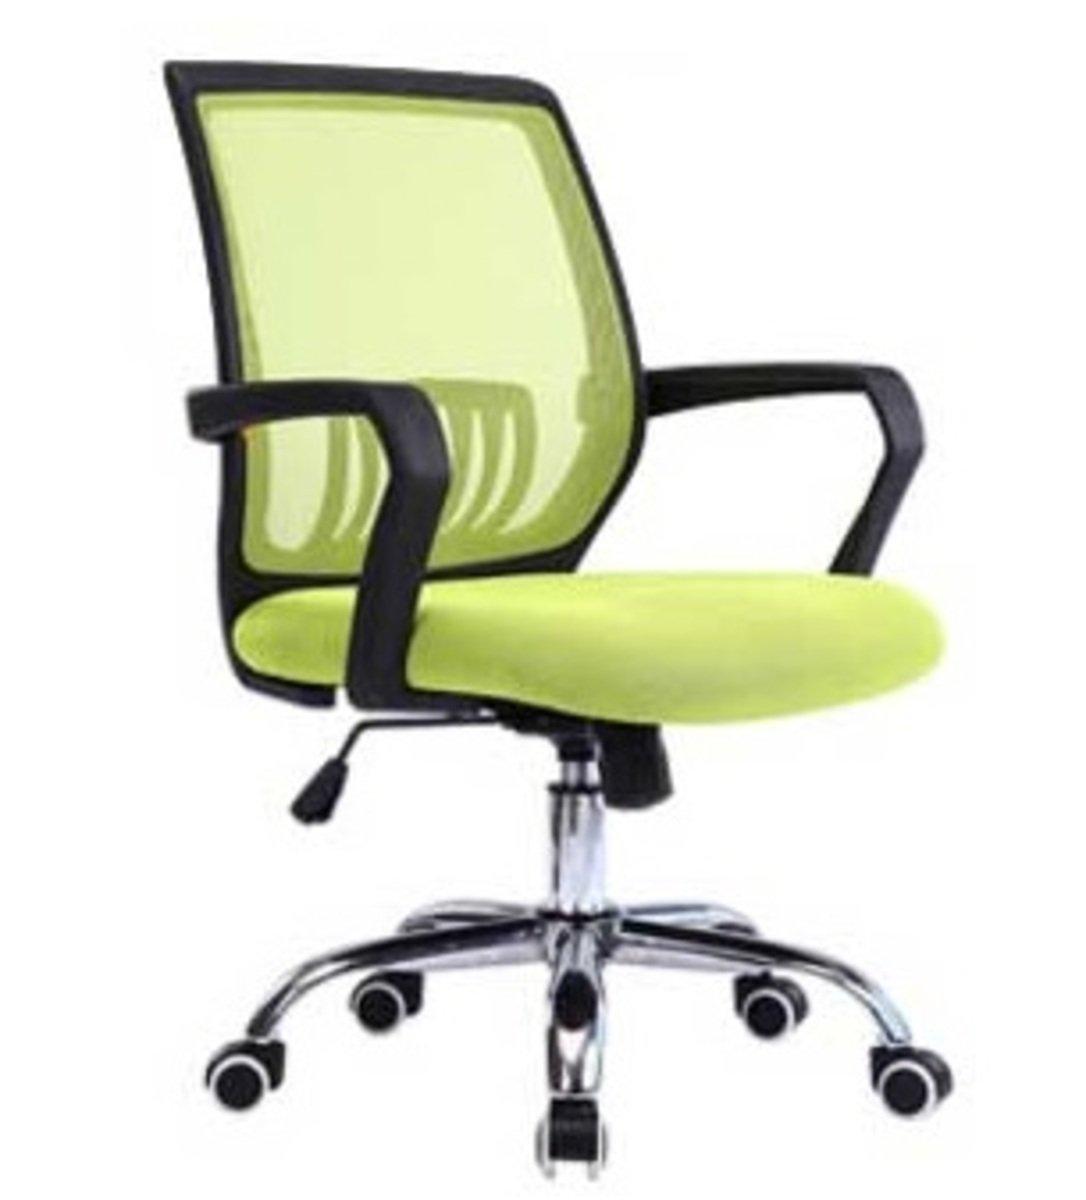 人體工學辦公椅-黑框(蘋果綠色)